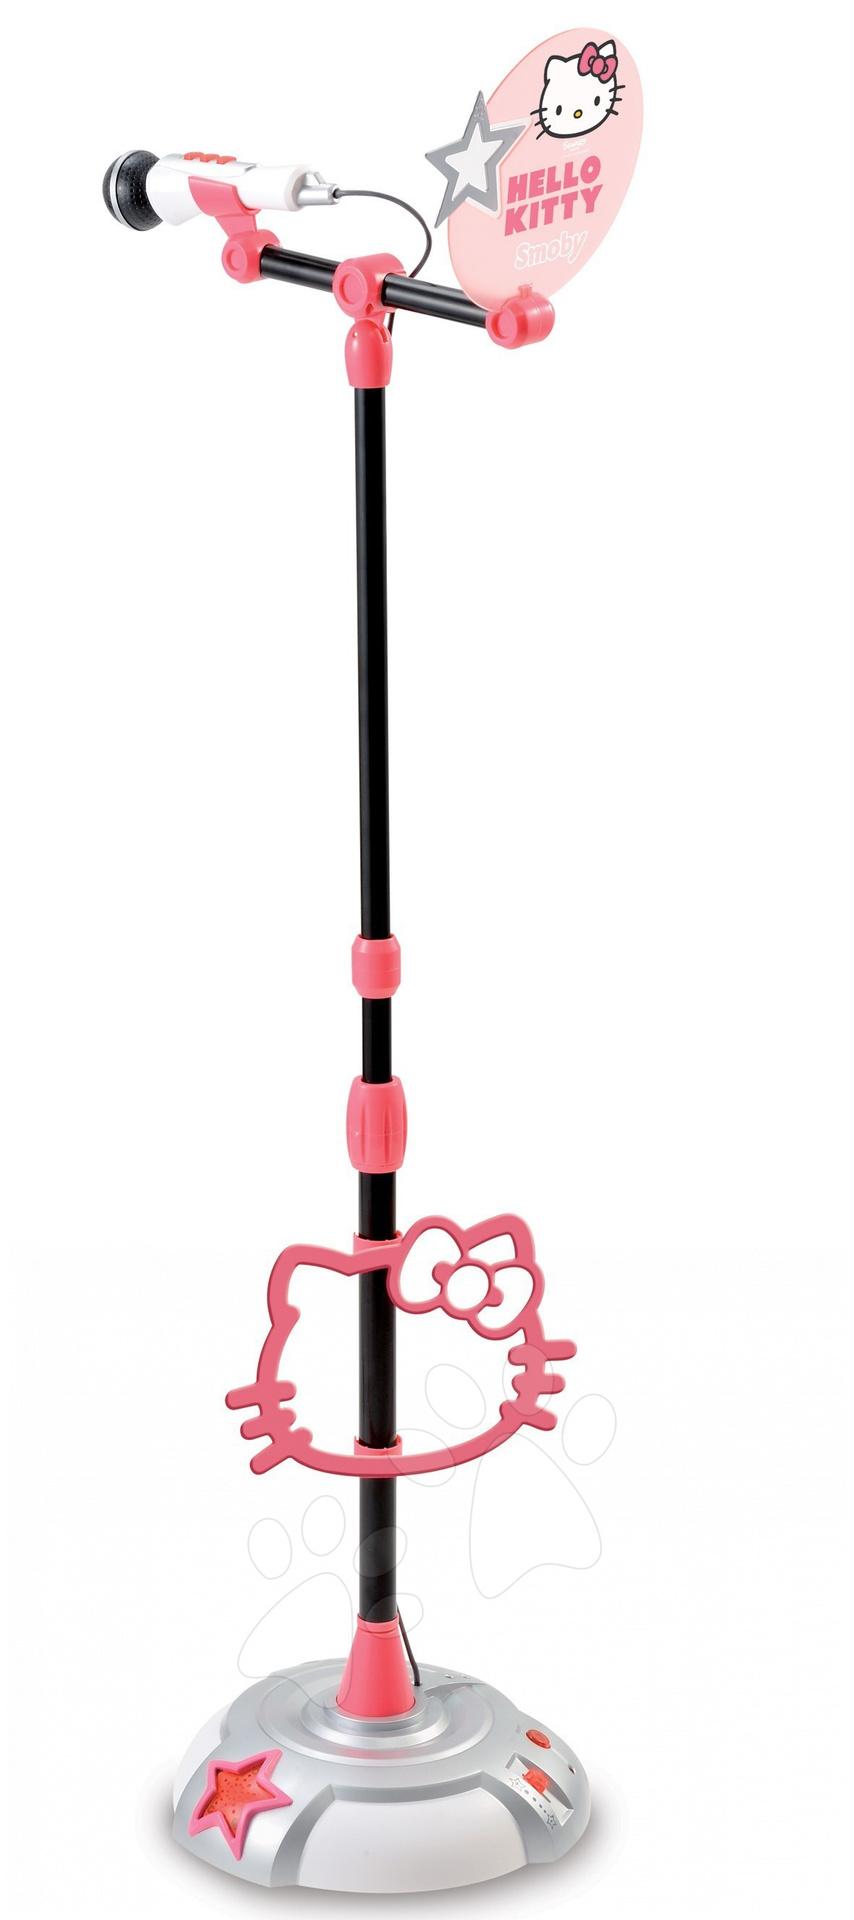 Staré položky - Mikrofon se stojánkem Hello Kitty Smoby světle růžový na baterky